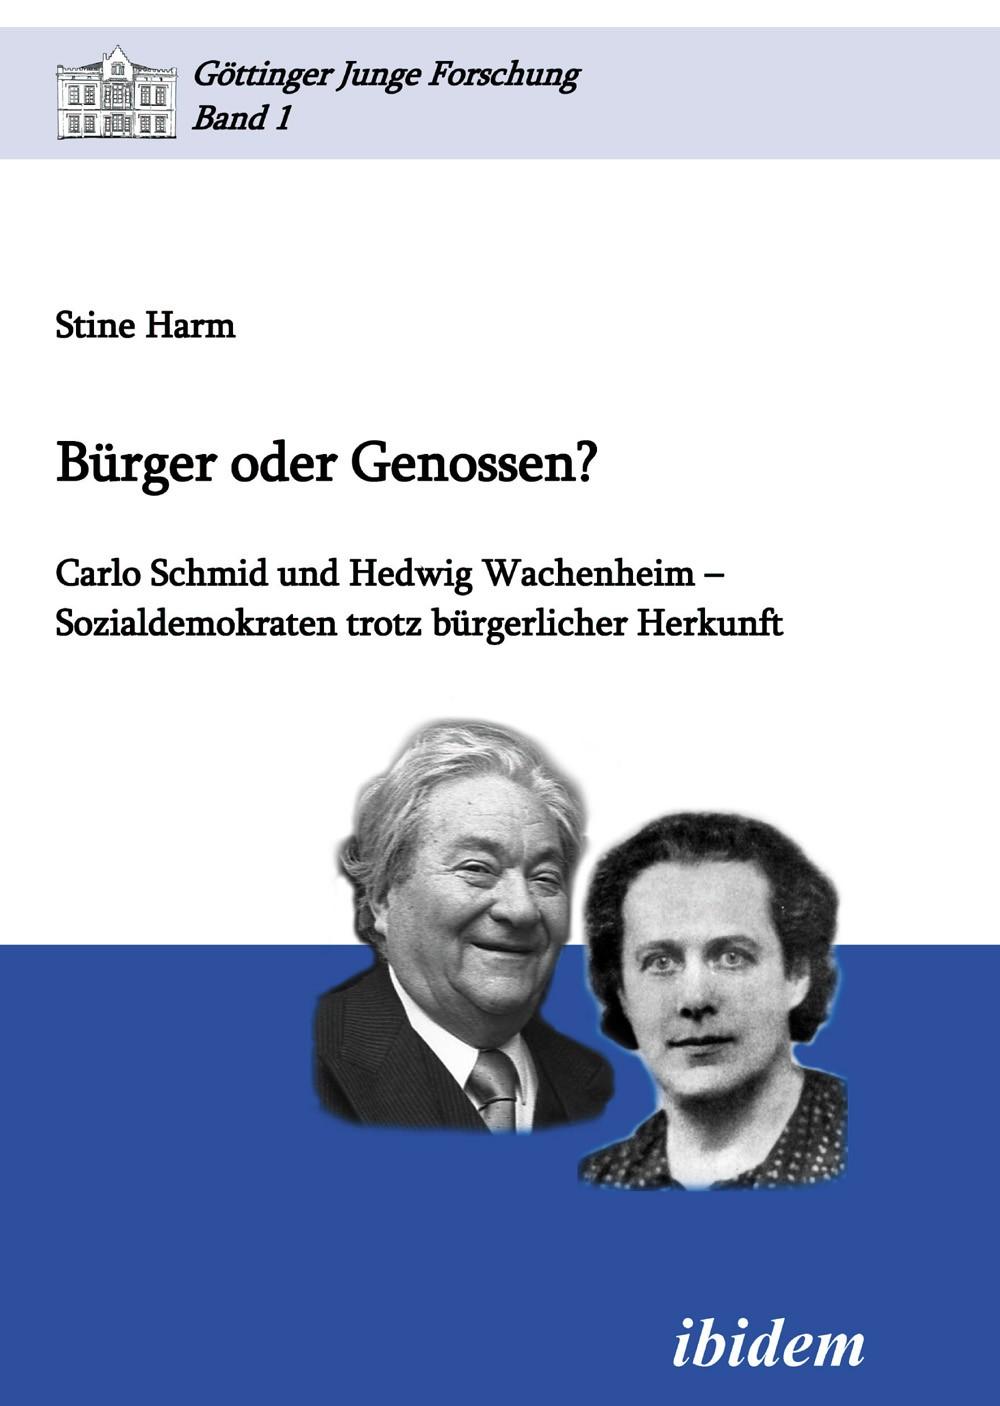 Bürger oder Genossen? Carlo Schmid und Hedwig Wachenheim - Sozialdemokraten trotz bürgerlicher Herkunft